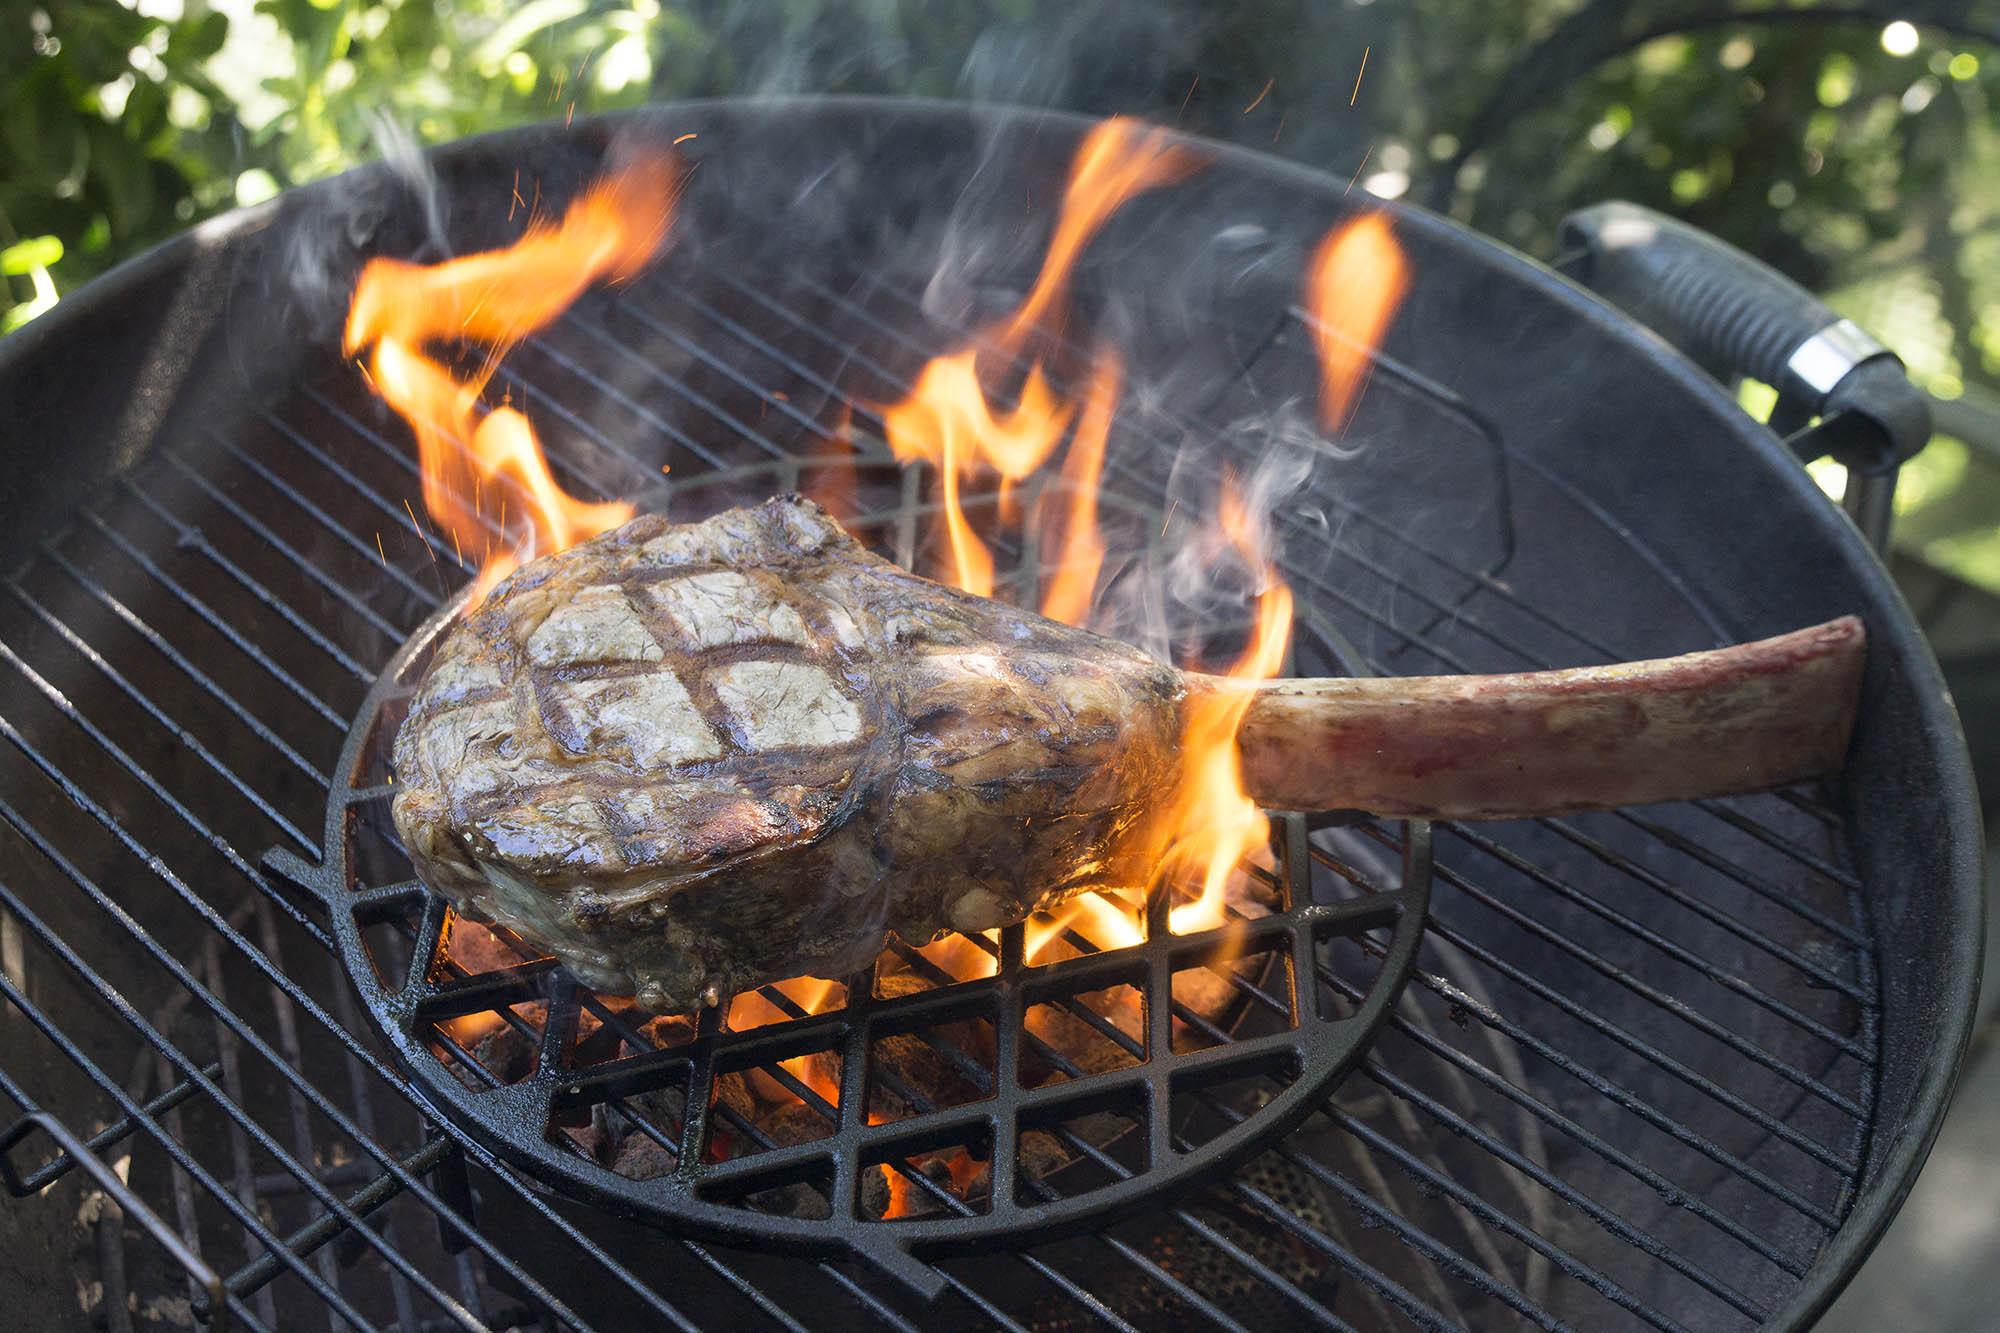 Tomahawk Steak 01 - 004 klein.jpg